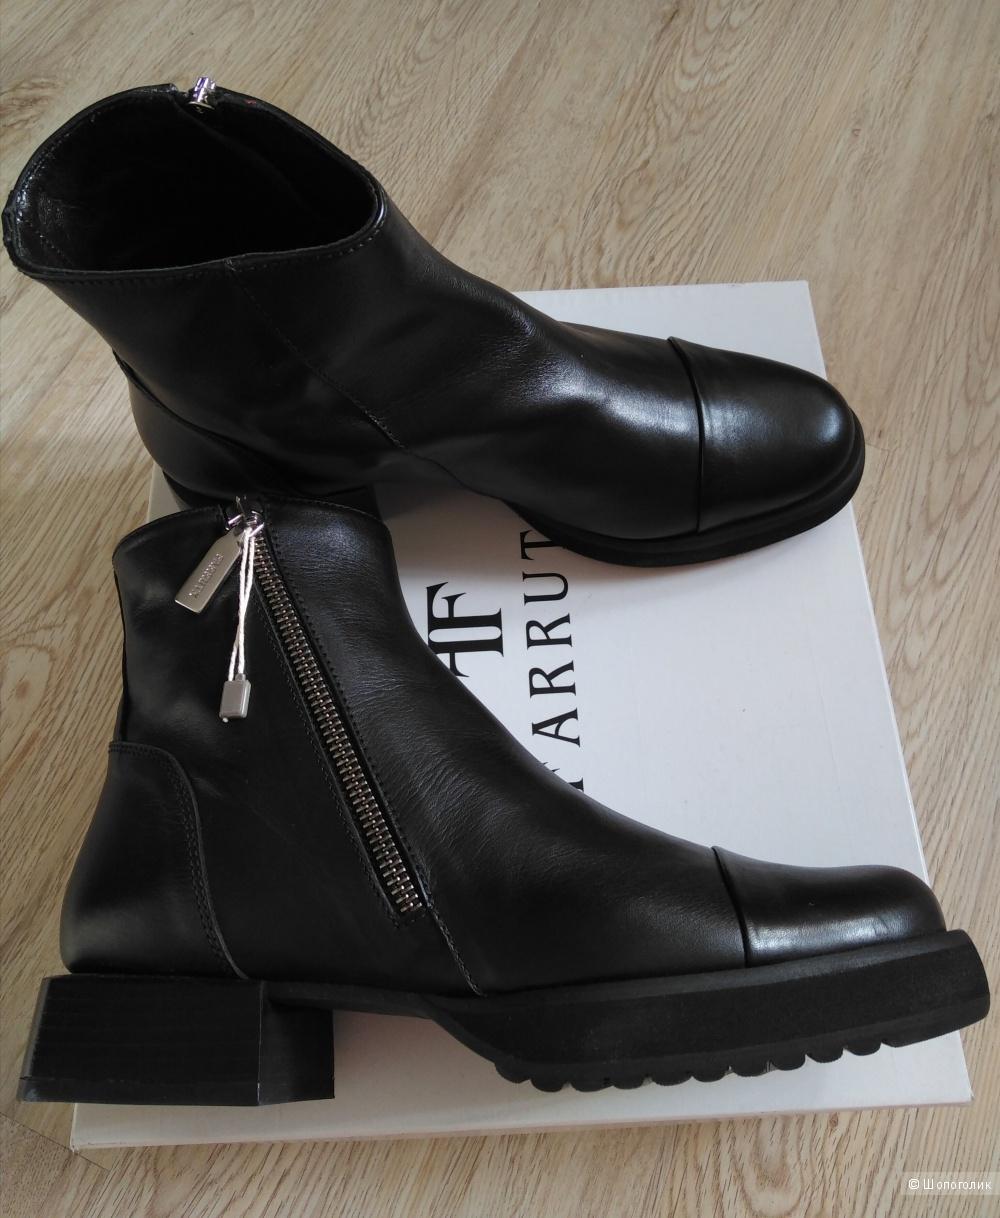 Ботинки Farrutx кожа 37 размер